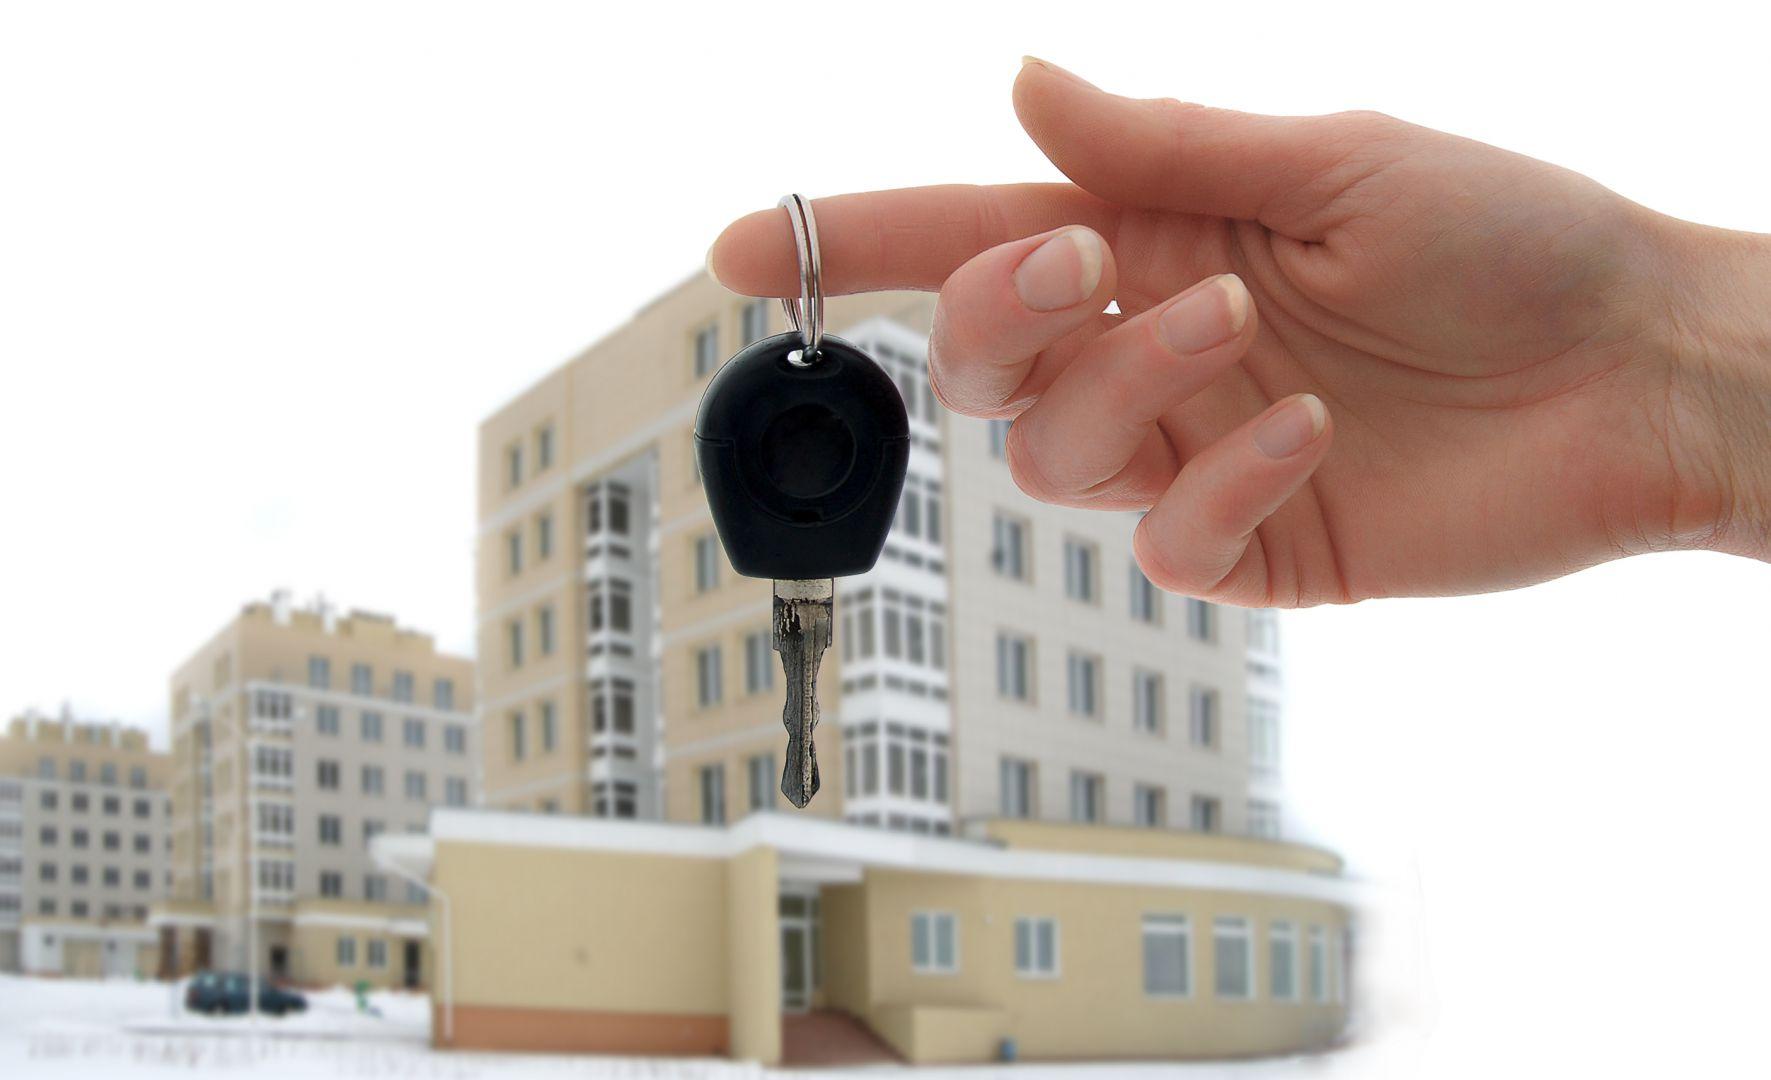 регистрация недвижимости украина